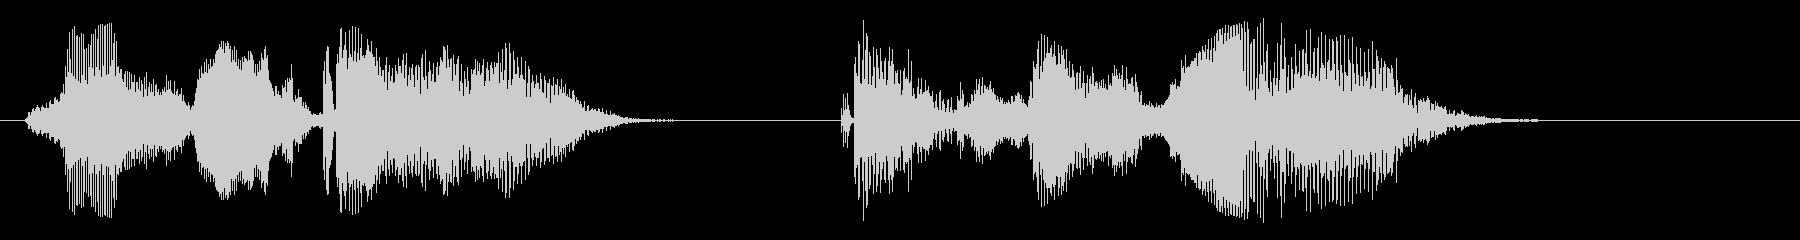 コンピューター、女性の声:パスワー...の未再生の波形